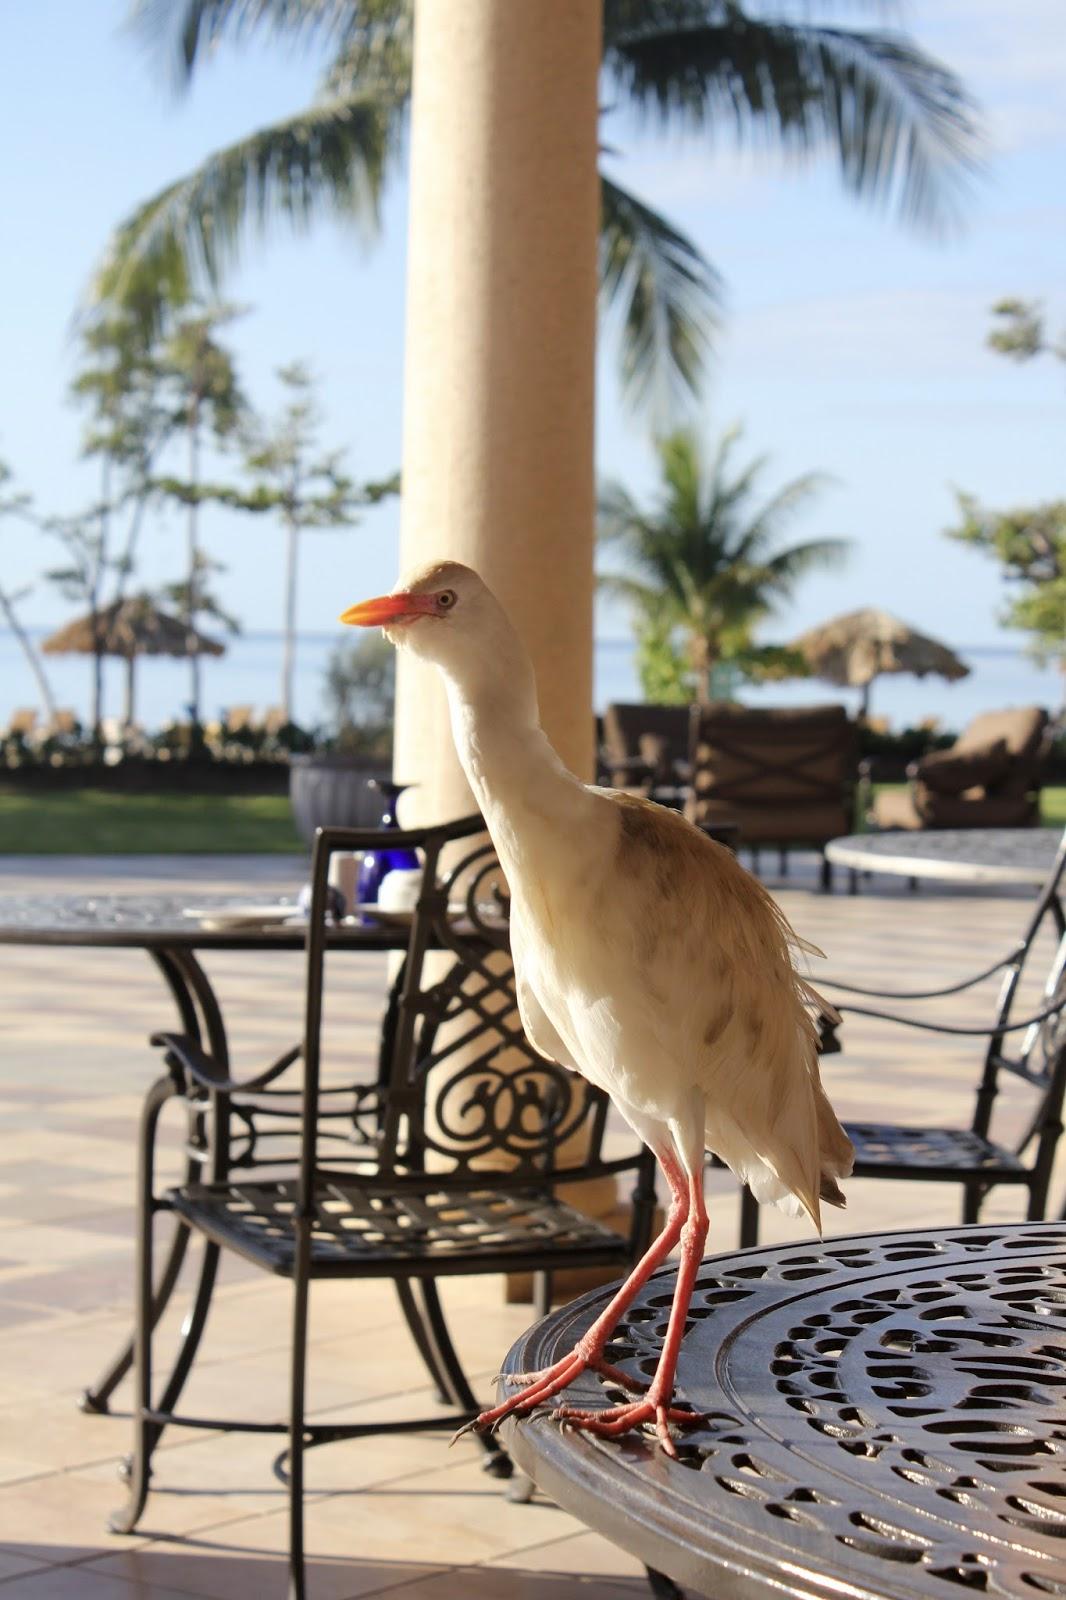 birds of paradise in Jamaica